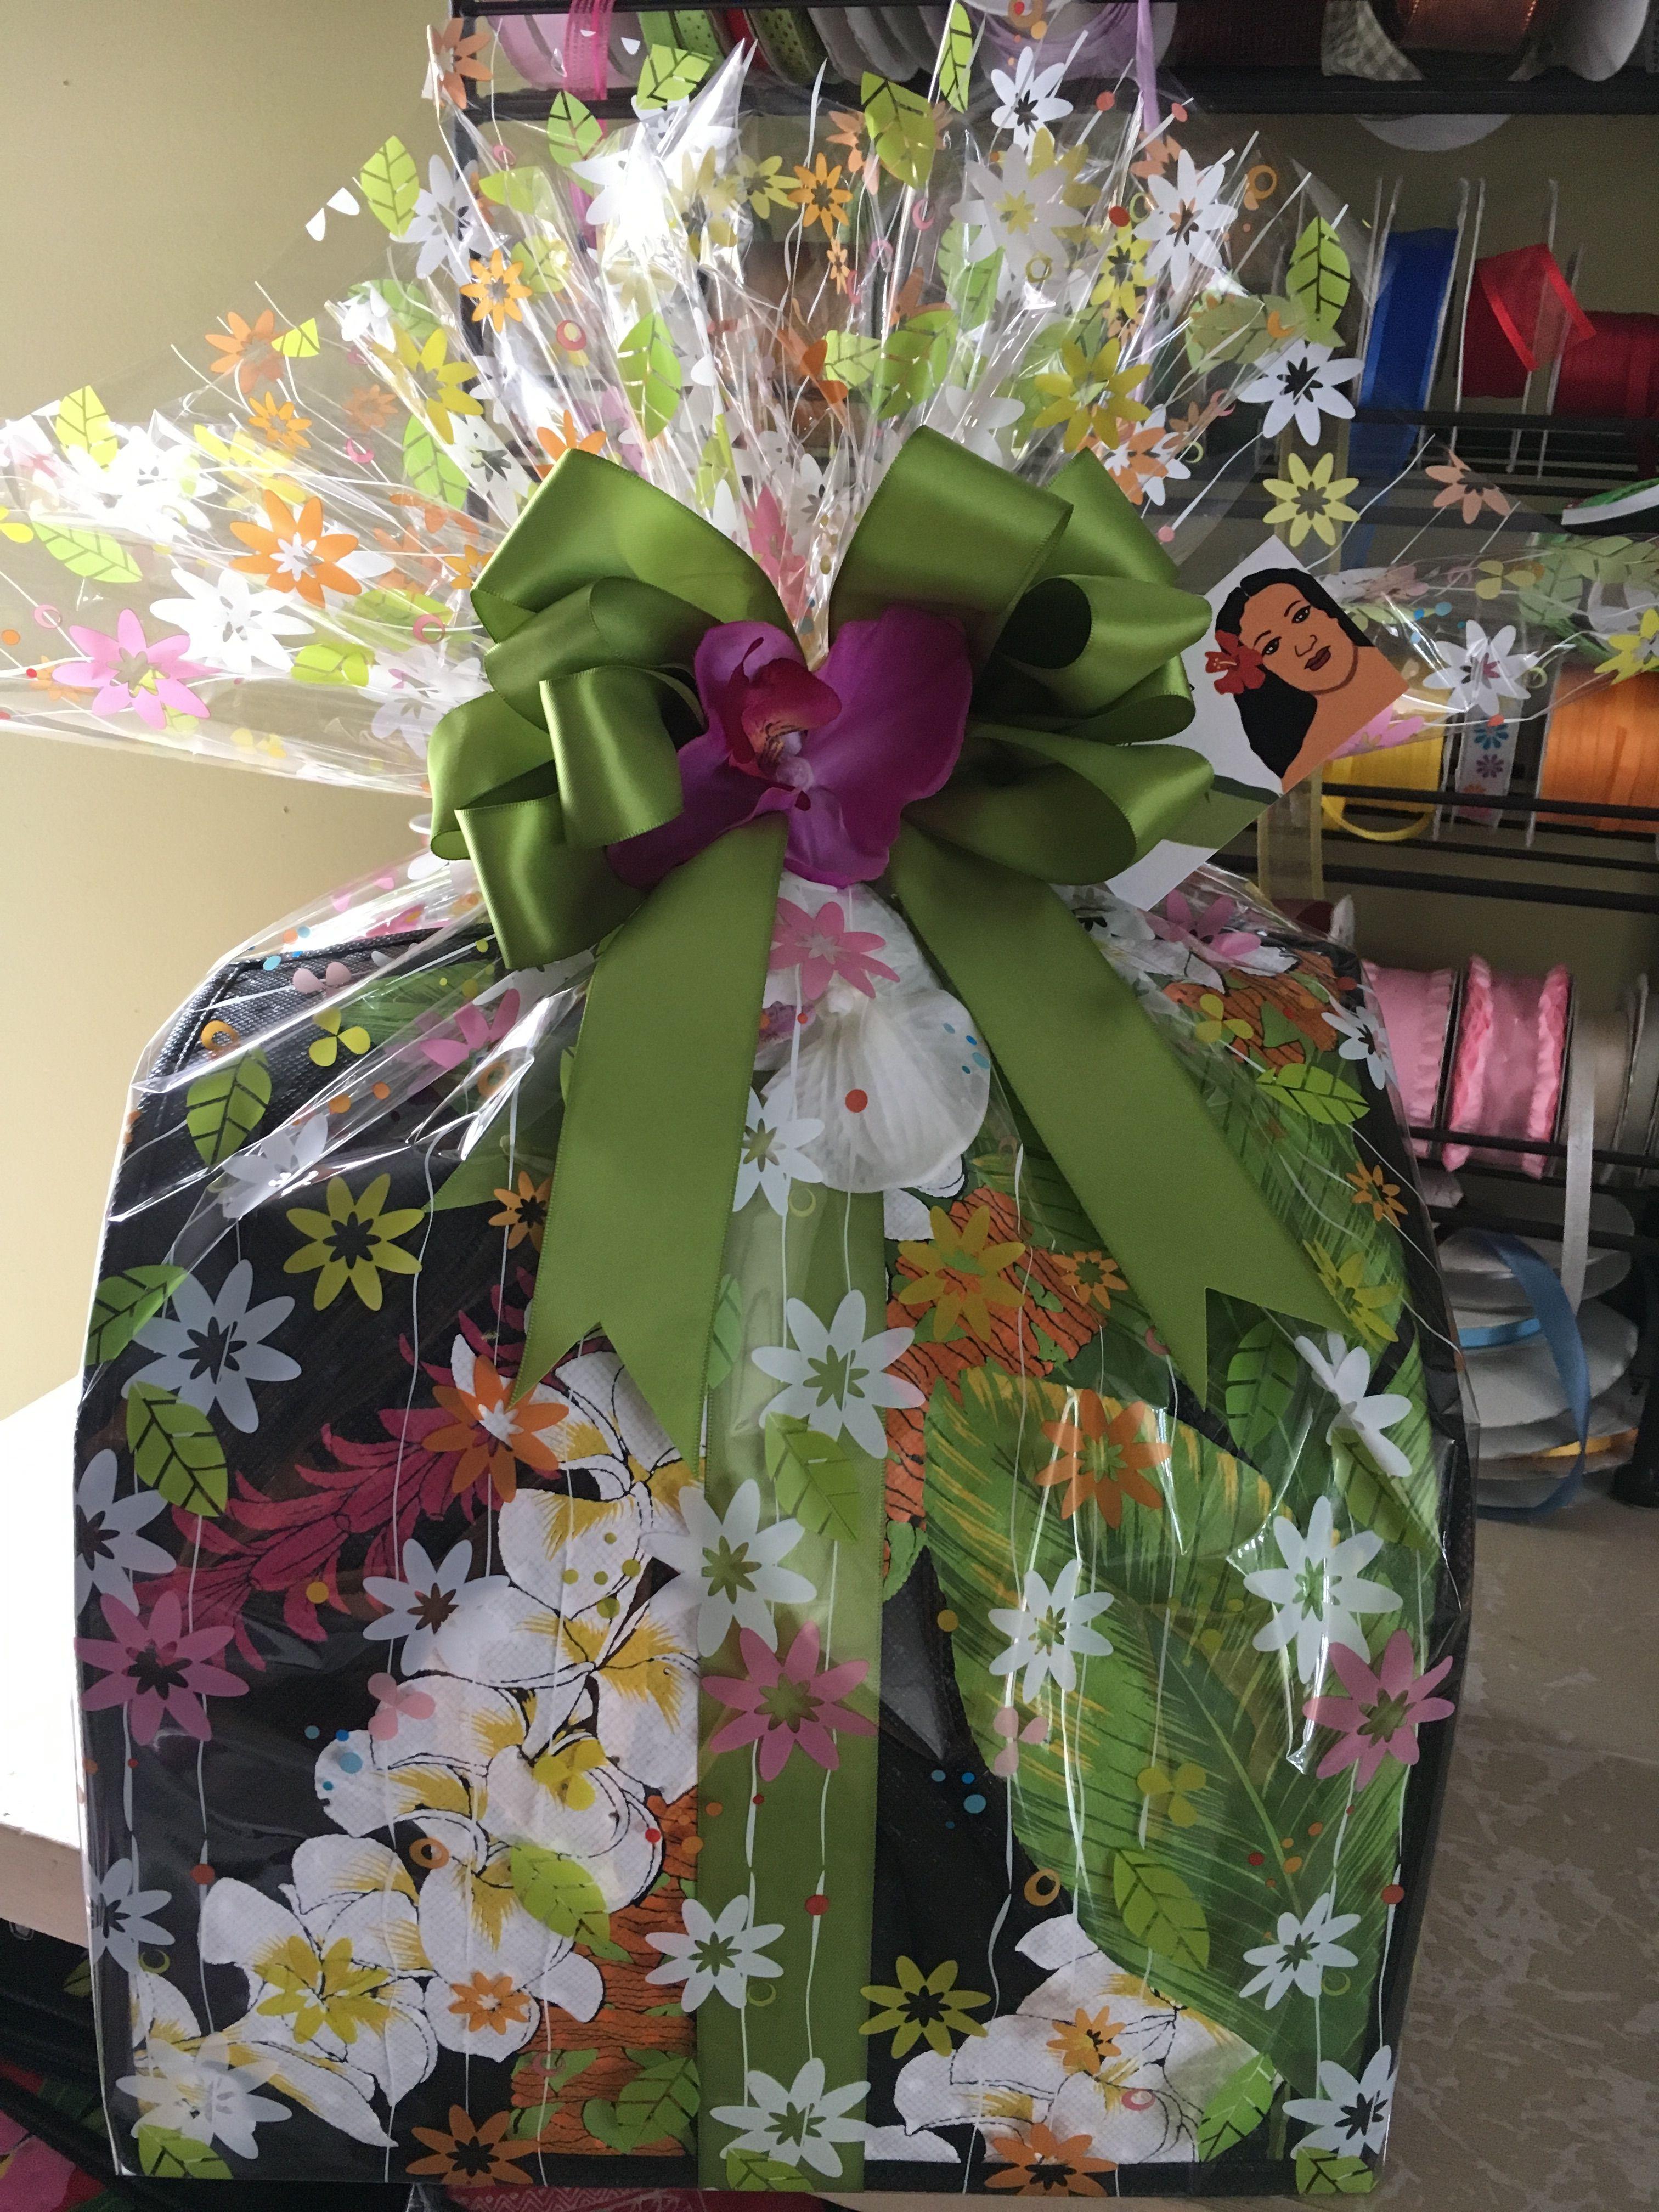 hawaiian host gift baskets